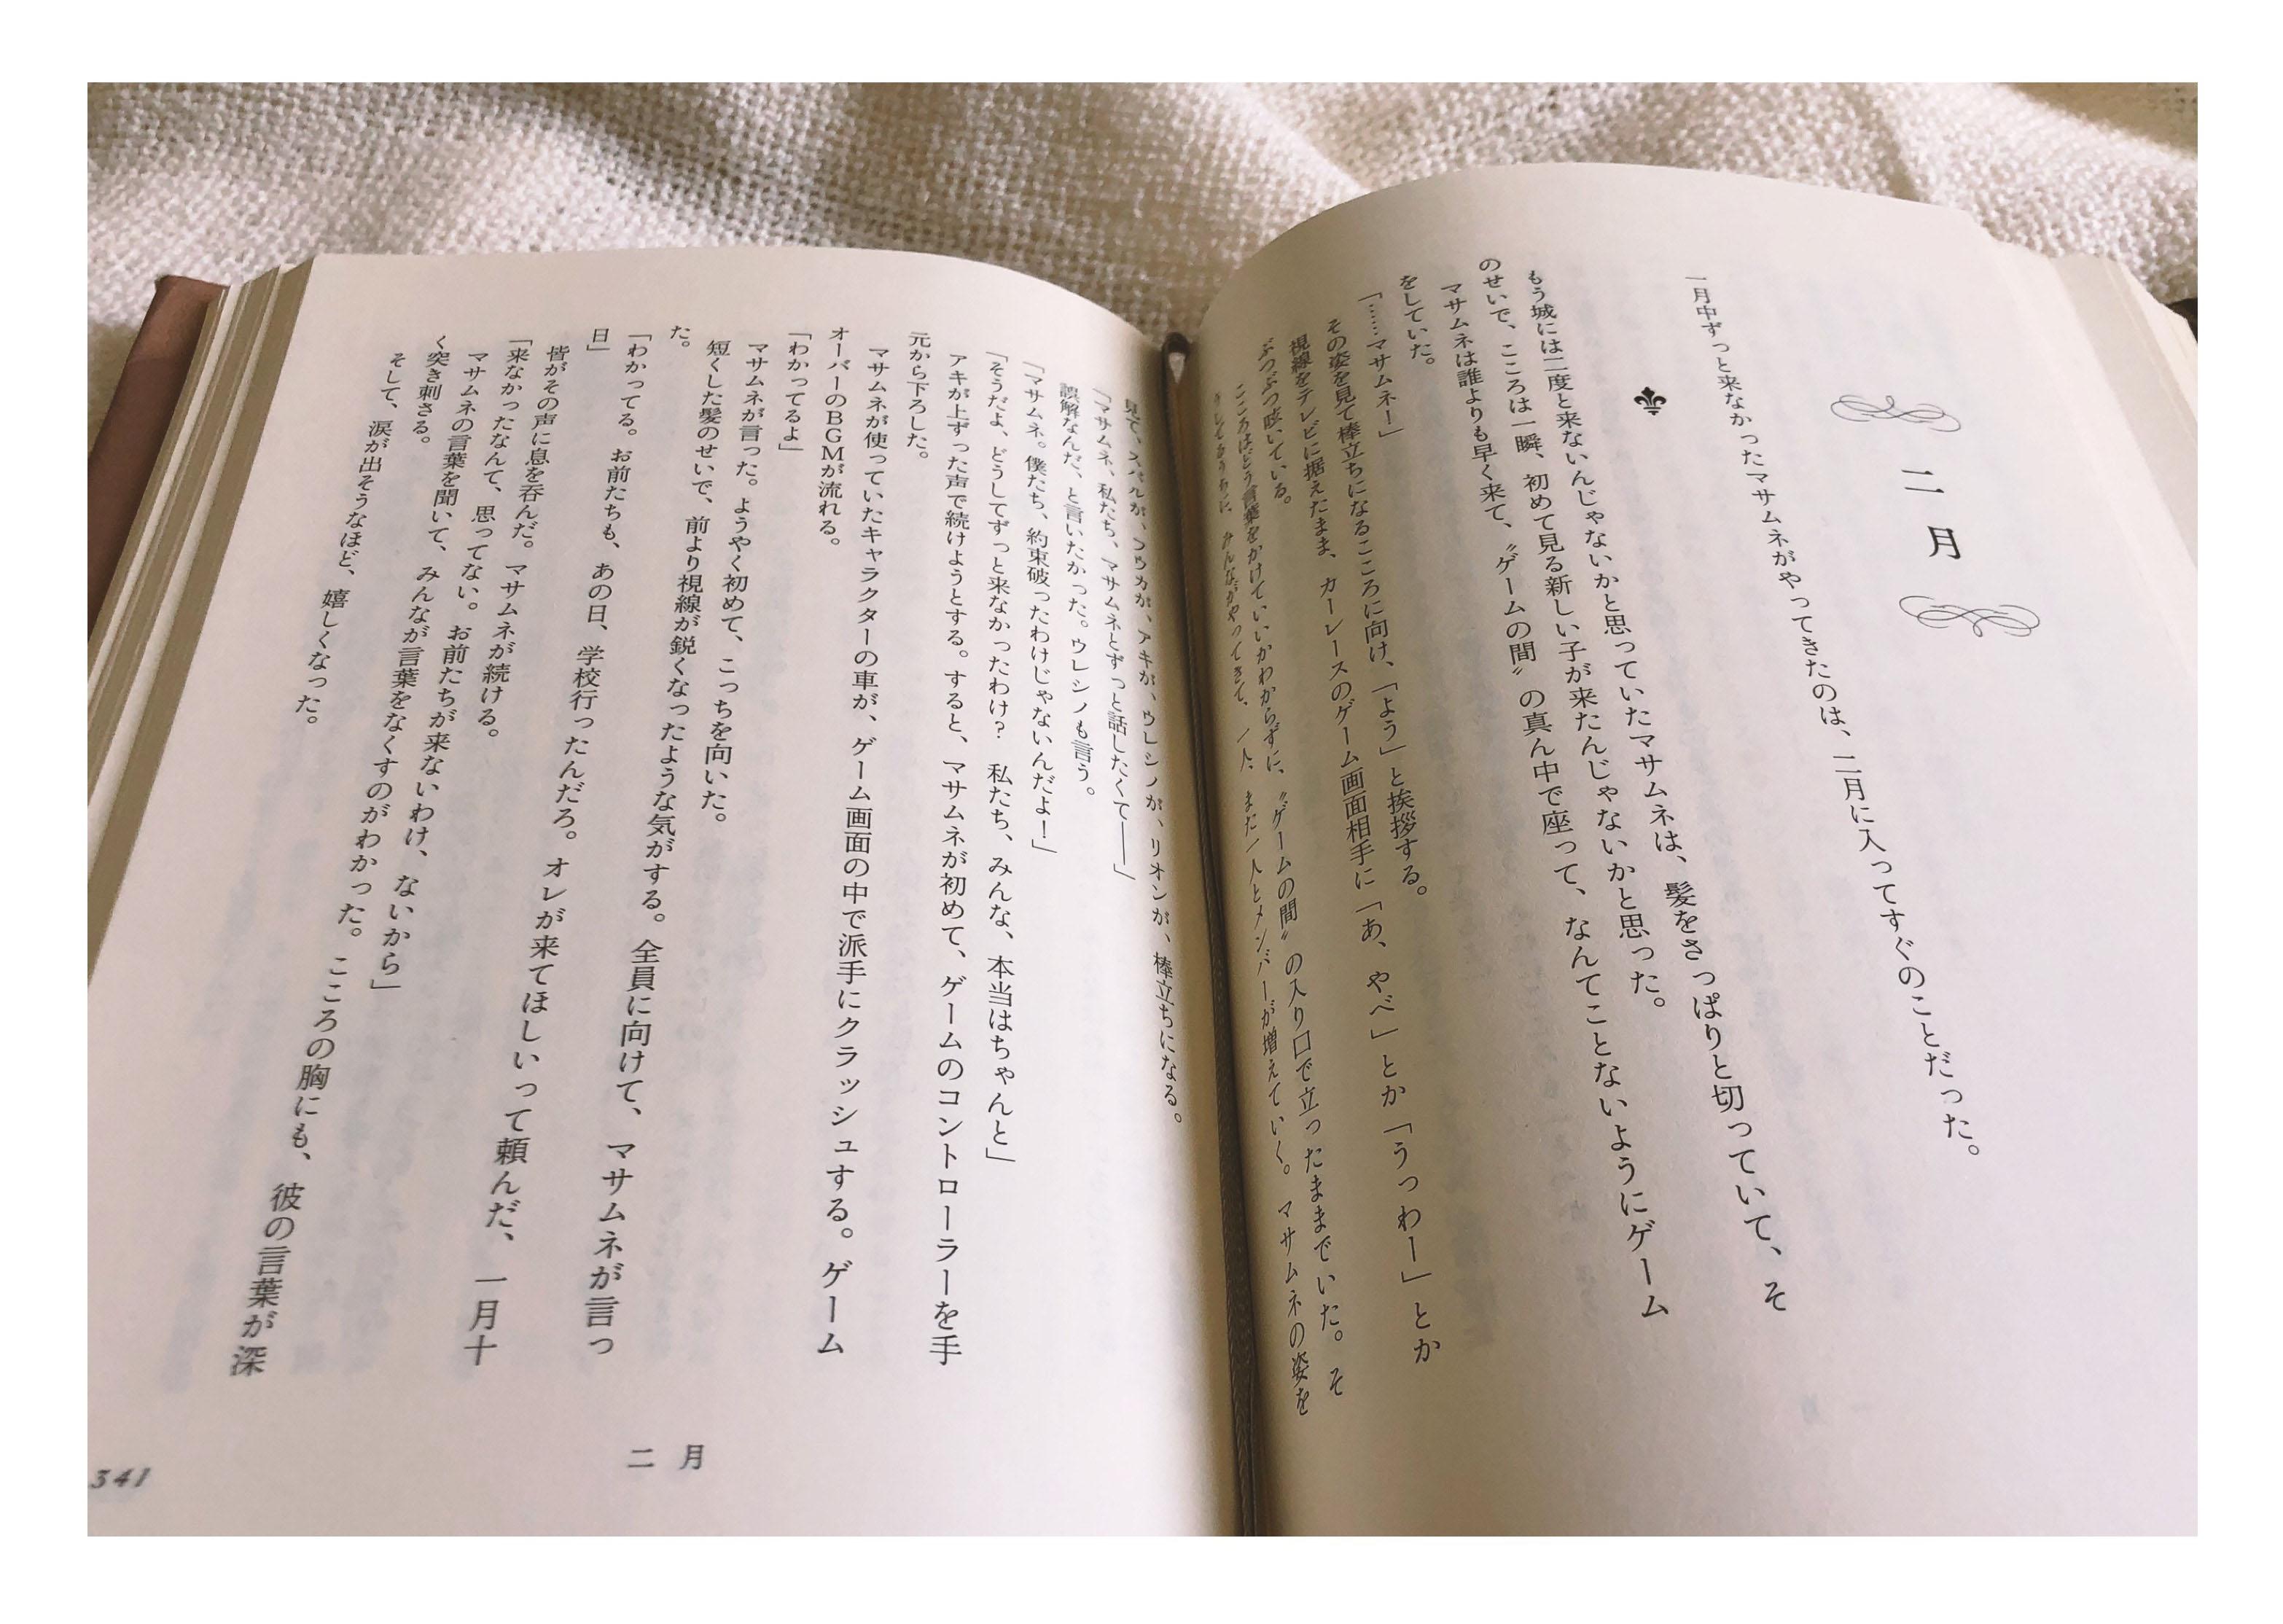 تطوير القراءة باللغة اليابانية